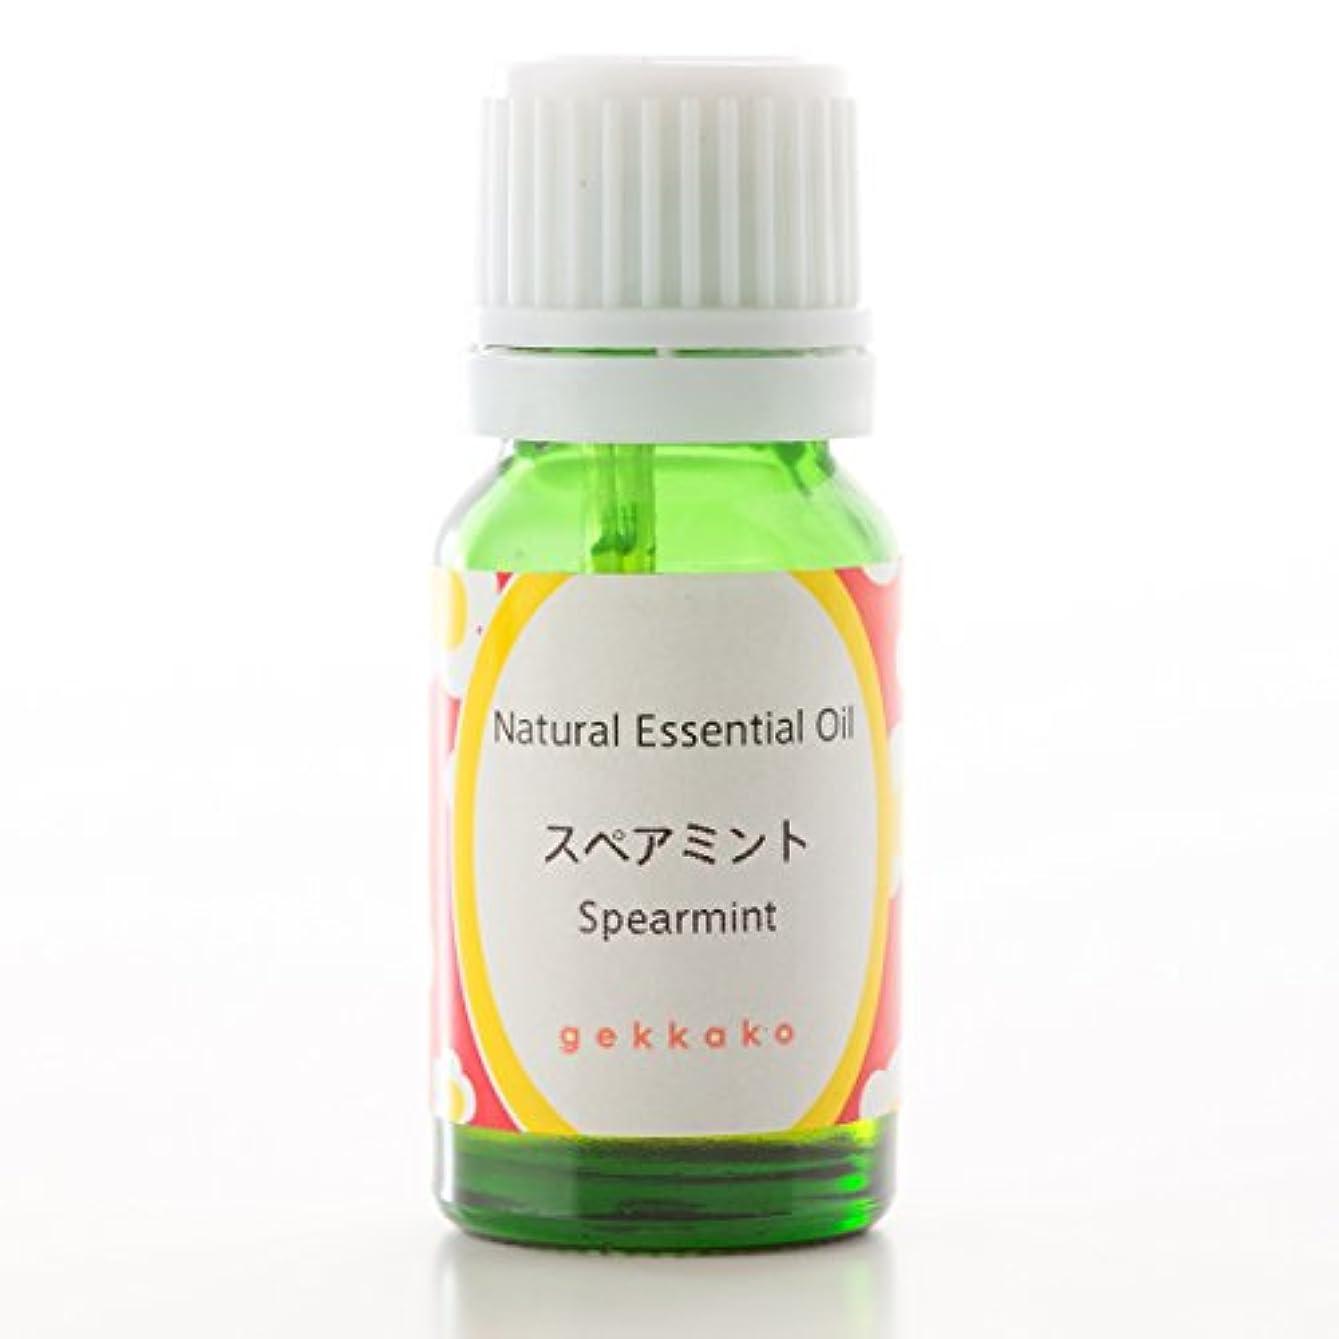 <月下香>エッセンシャルオイル/アロマ/スペアミント【100ml】 (5ml)